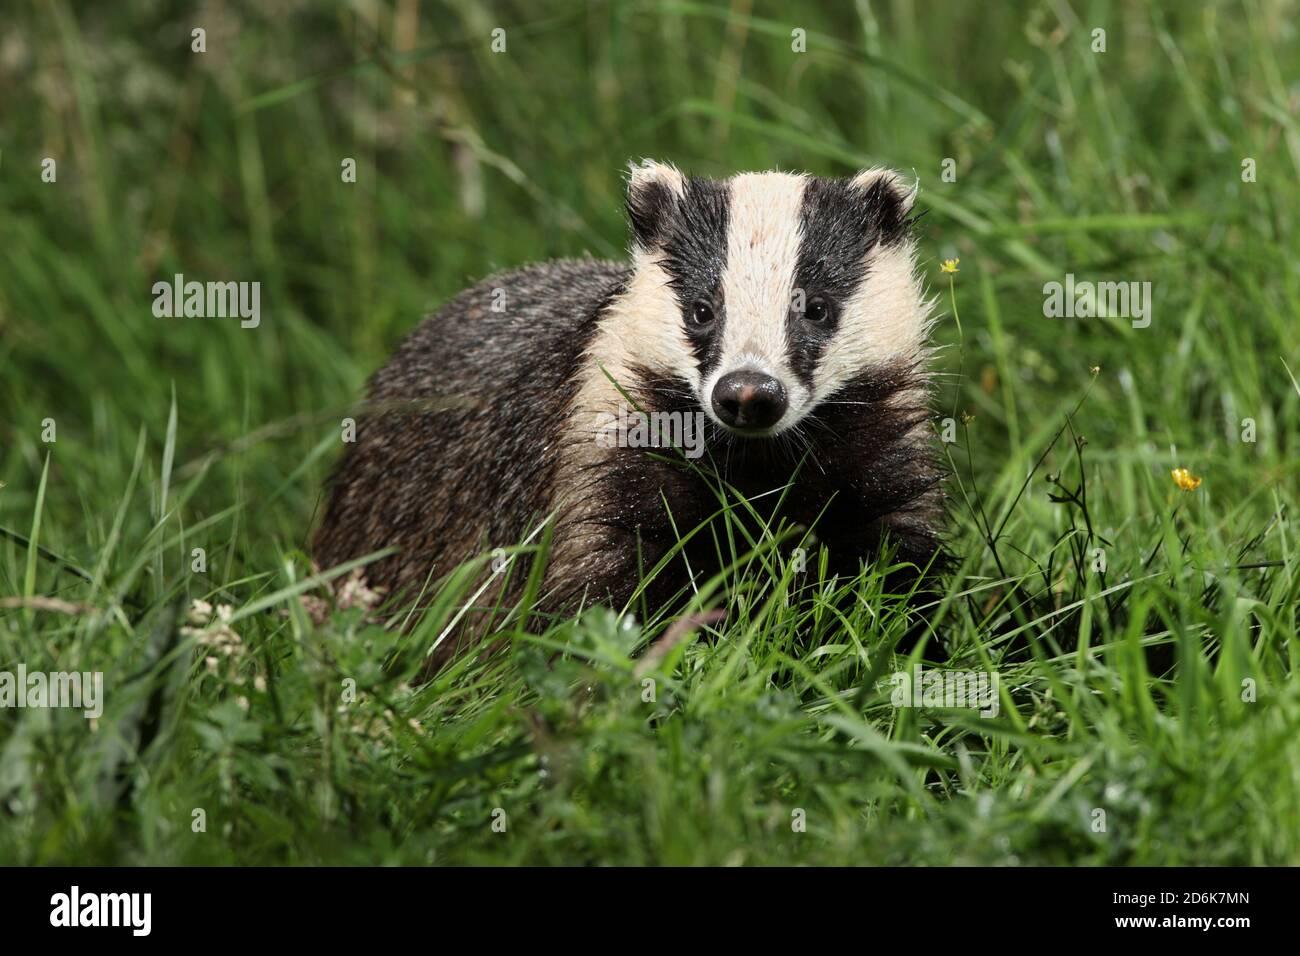 badger-uk-2D6K7MN.jpg